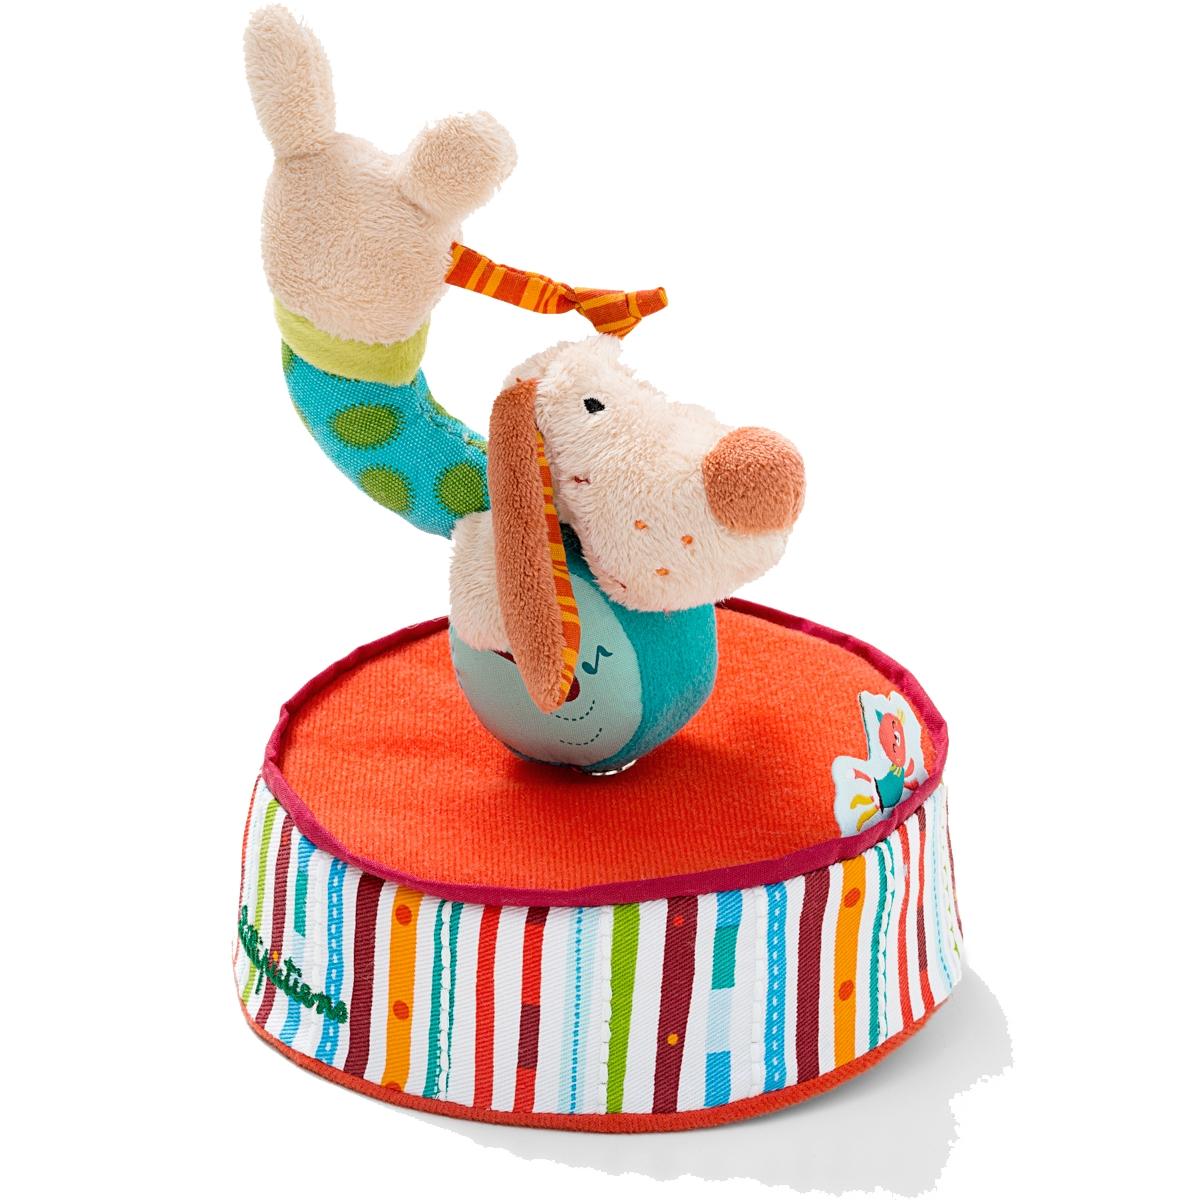 Lilliputiens Игрушка музыкальная заводная Собачка Джеф заводная машина игрушка